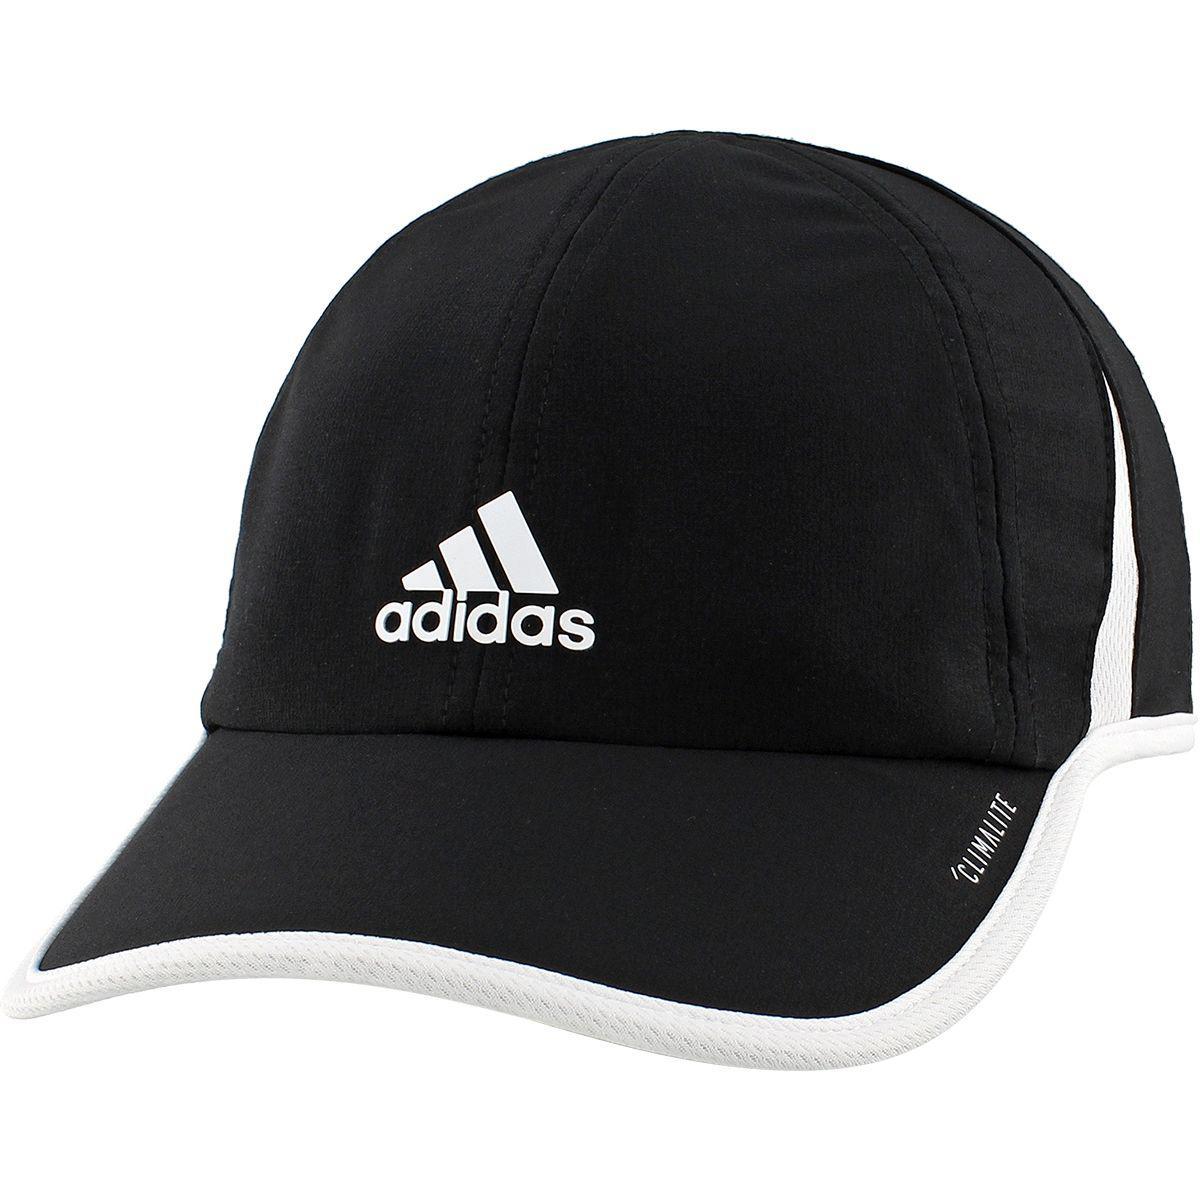 20fe3391384 Adidas Originals - Black Superlite Cap - Lyst. View fullscreen